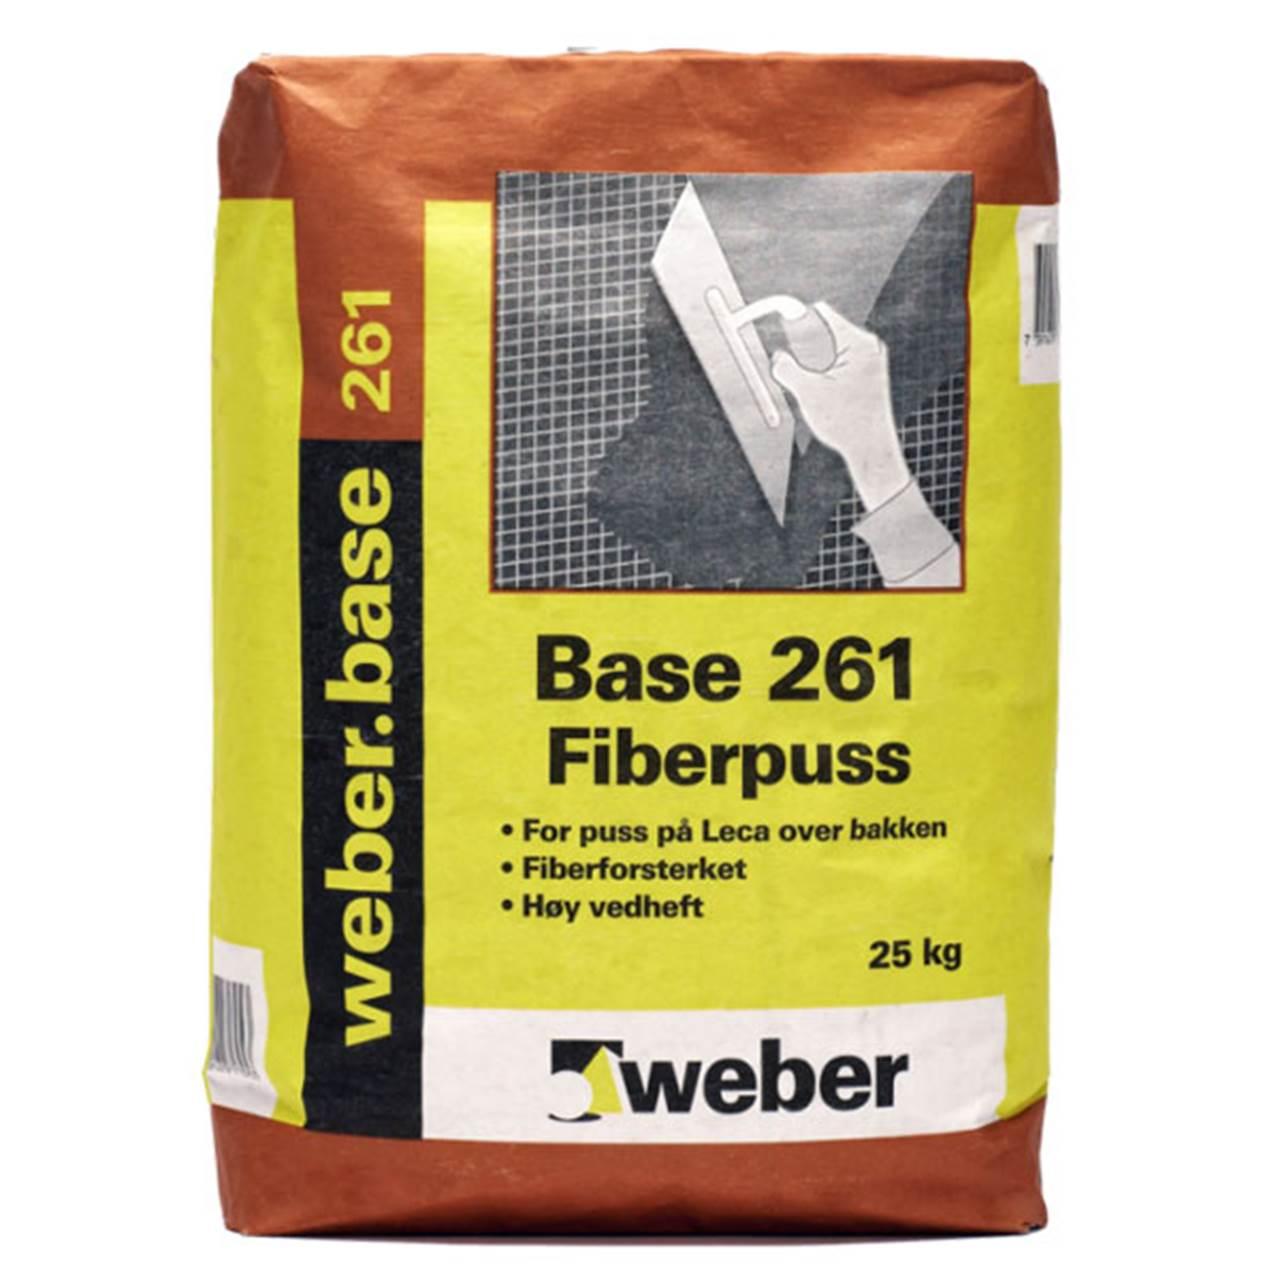 Weber Base 261 Fiberpuss, 25 kg.